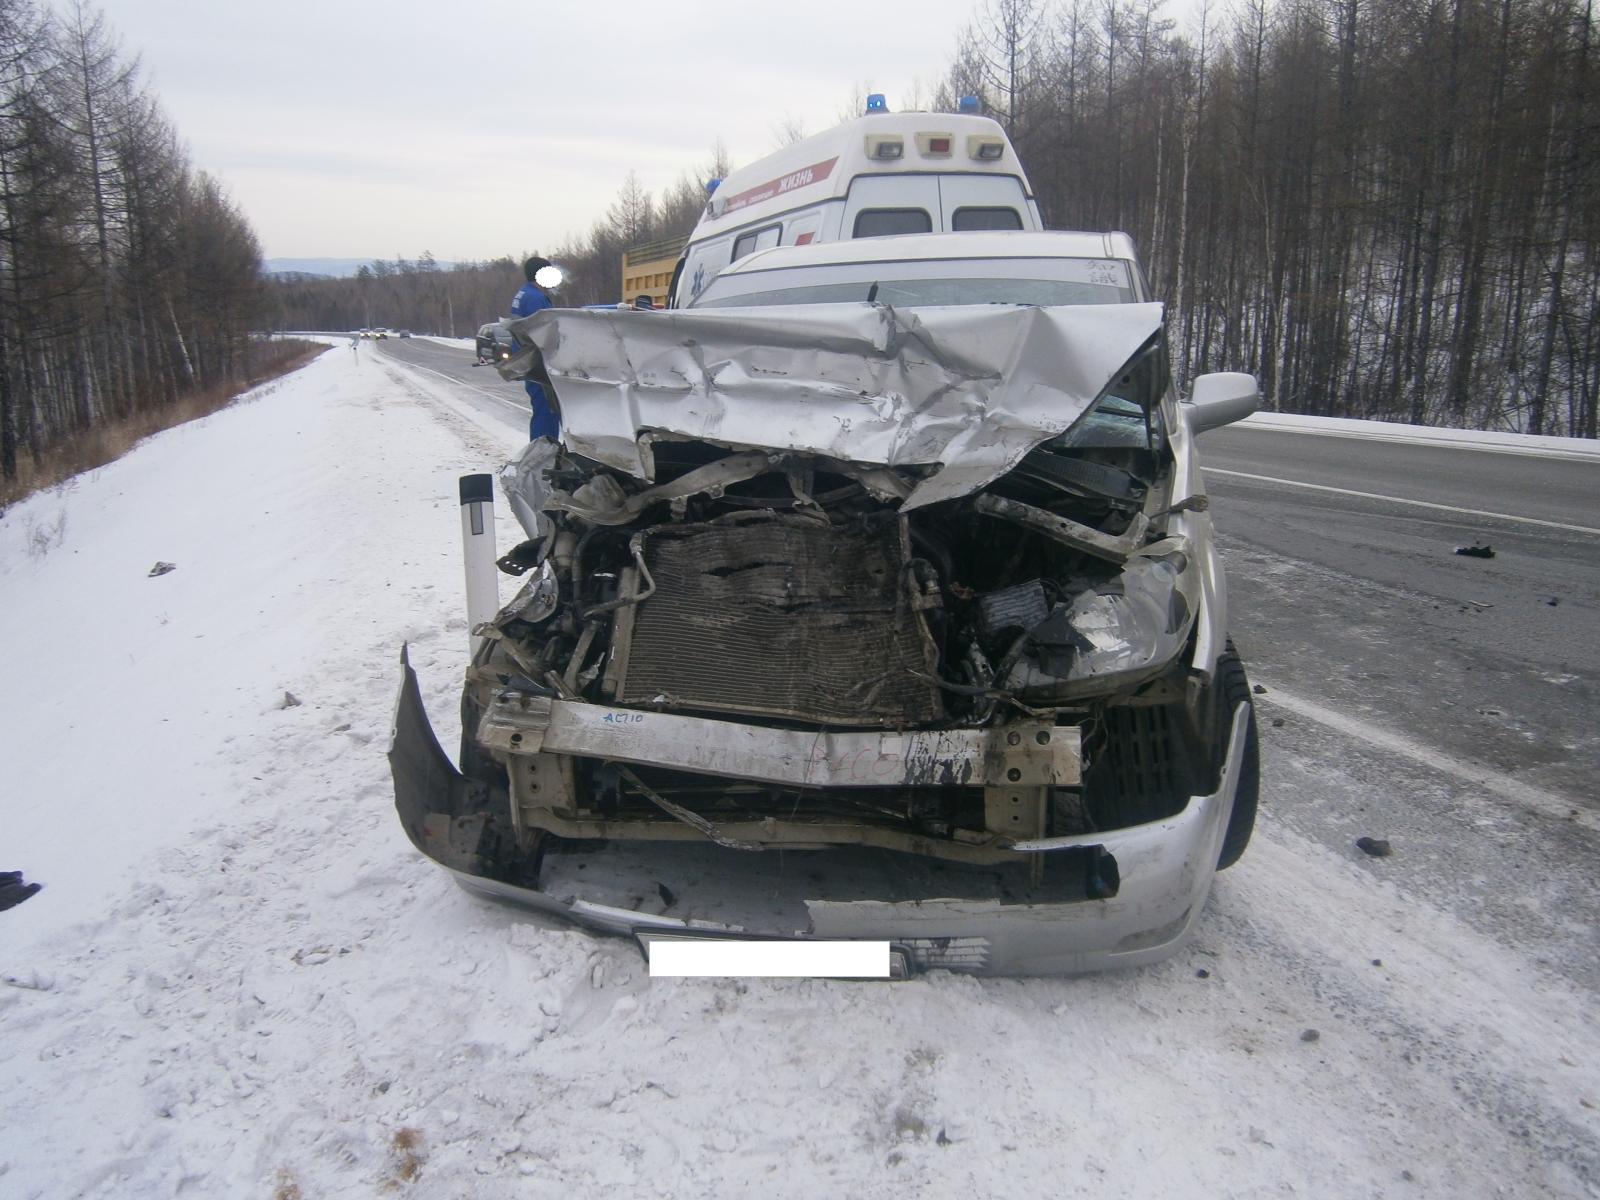 Водитель попал в аварию пострадал груз кто будет платить